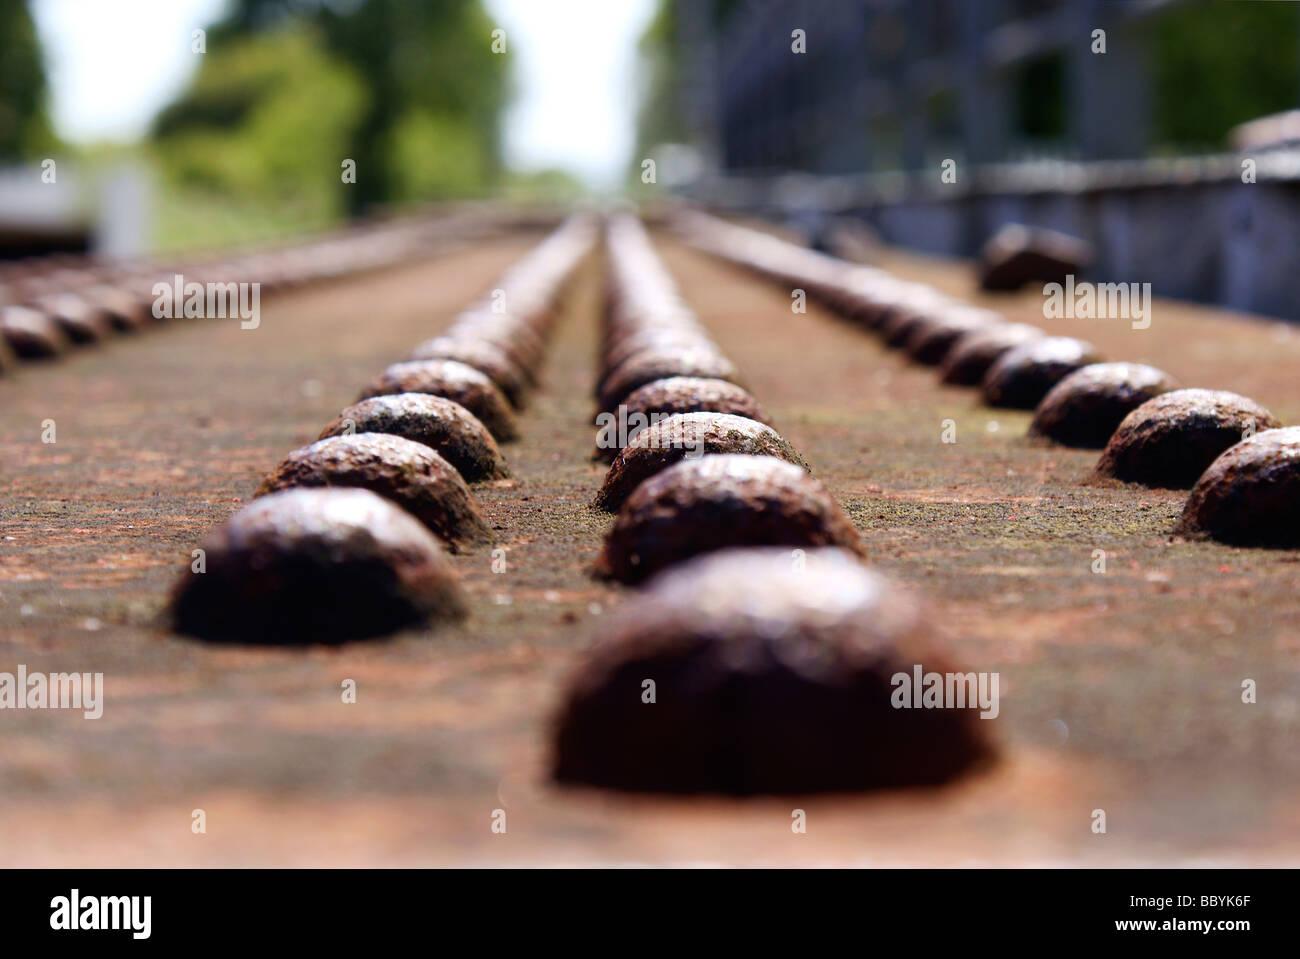 Viga de hierro oxidado con espárragos - cojinete de carga parte de estructura de un puente ferroviario sobre Imagen De Stock